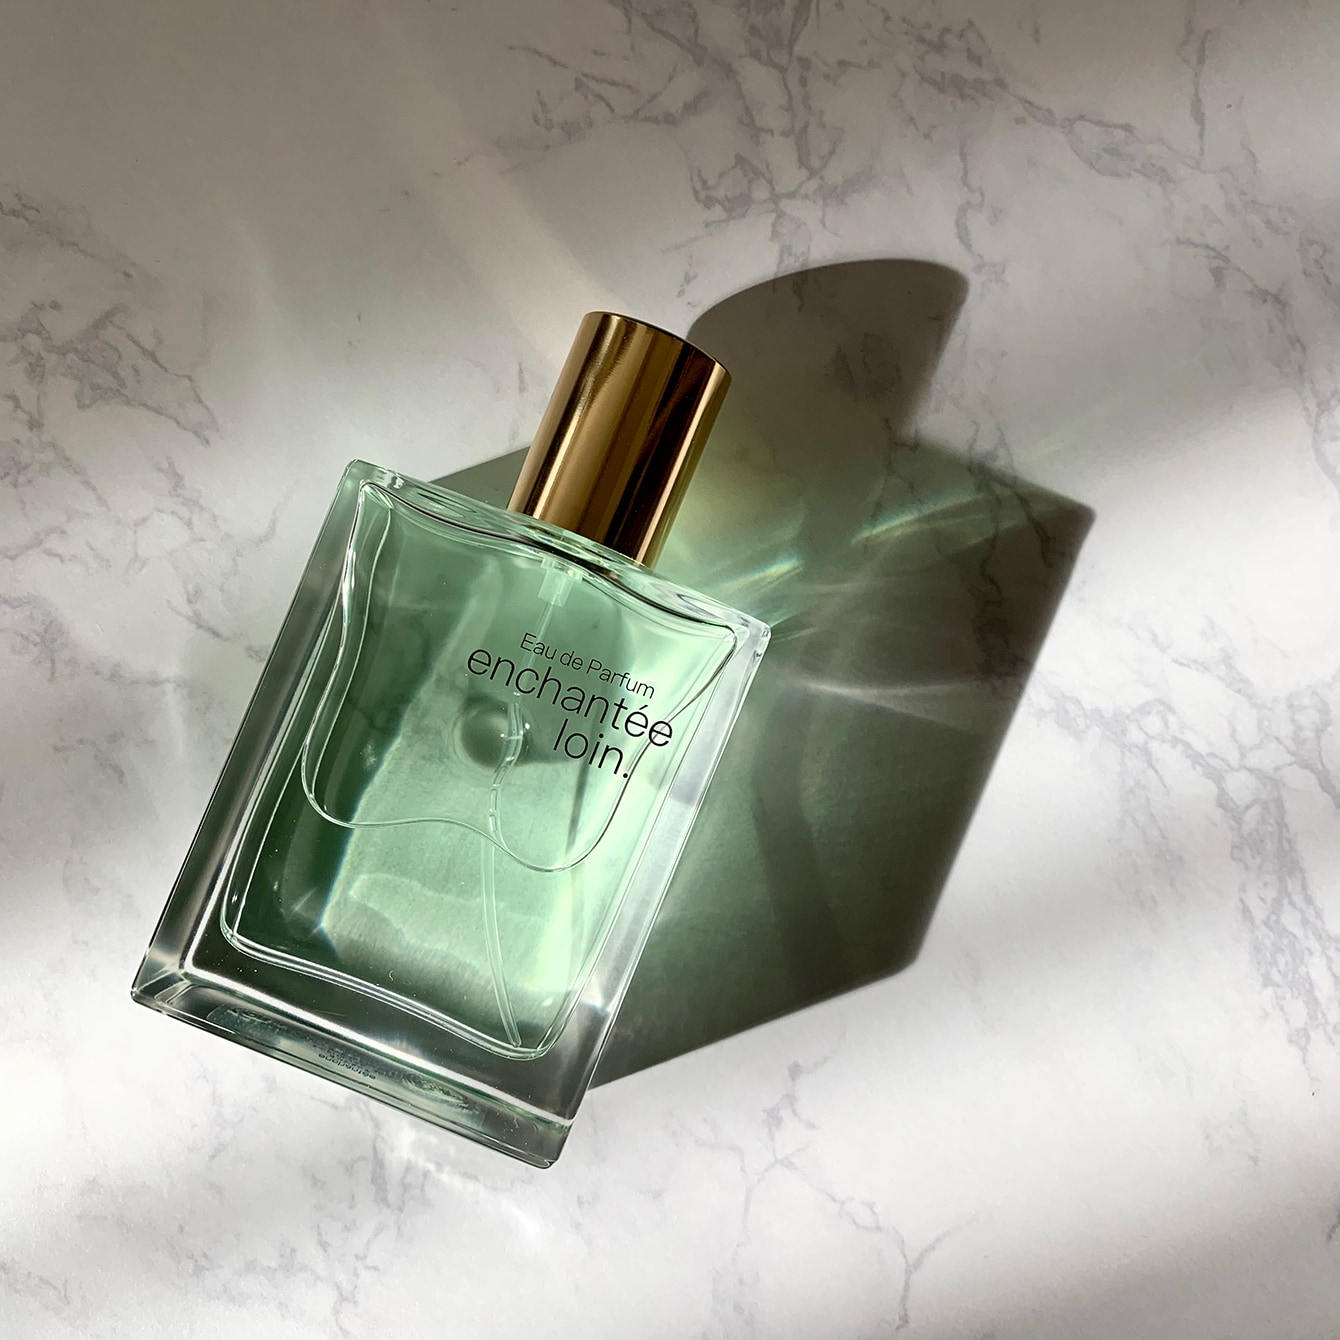 井川遥さんになれる香り&人気すぎて復活のロクシタン【春に似合う爽やかな香水2選】